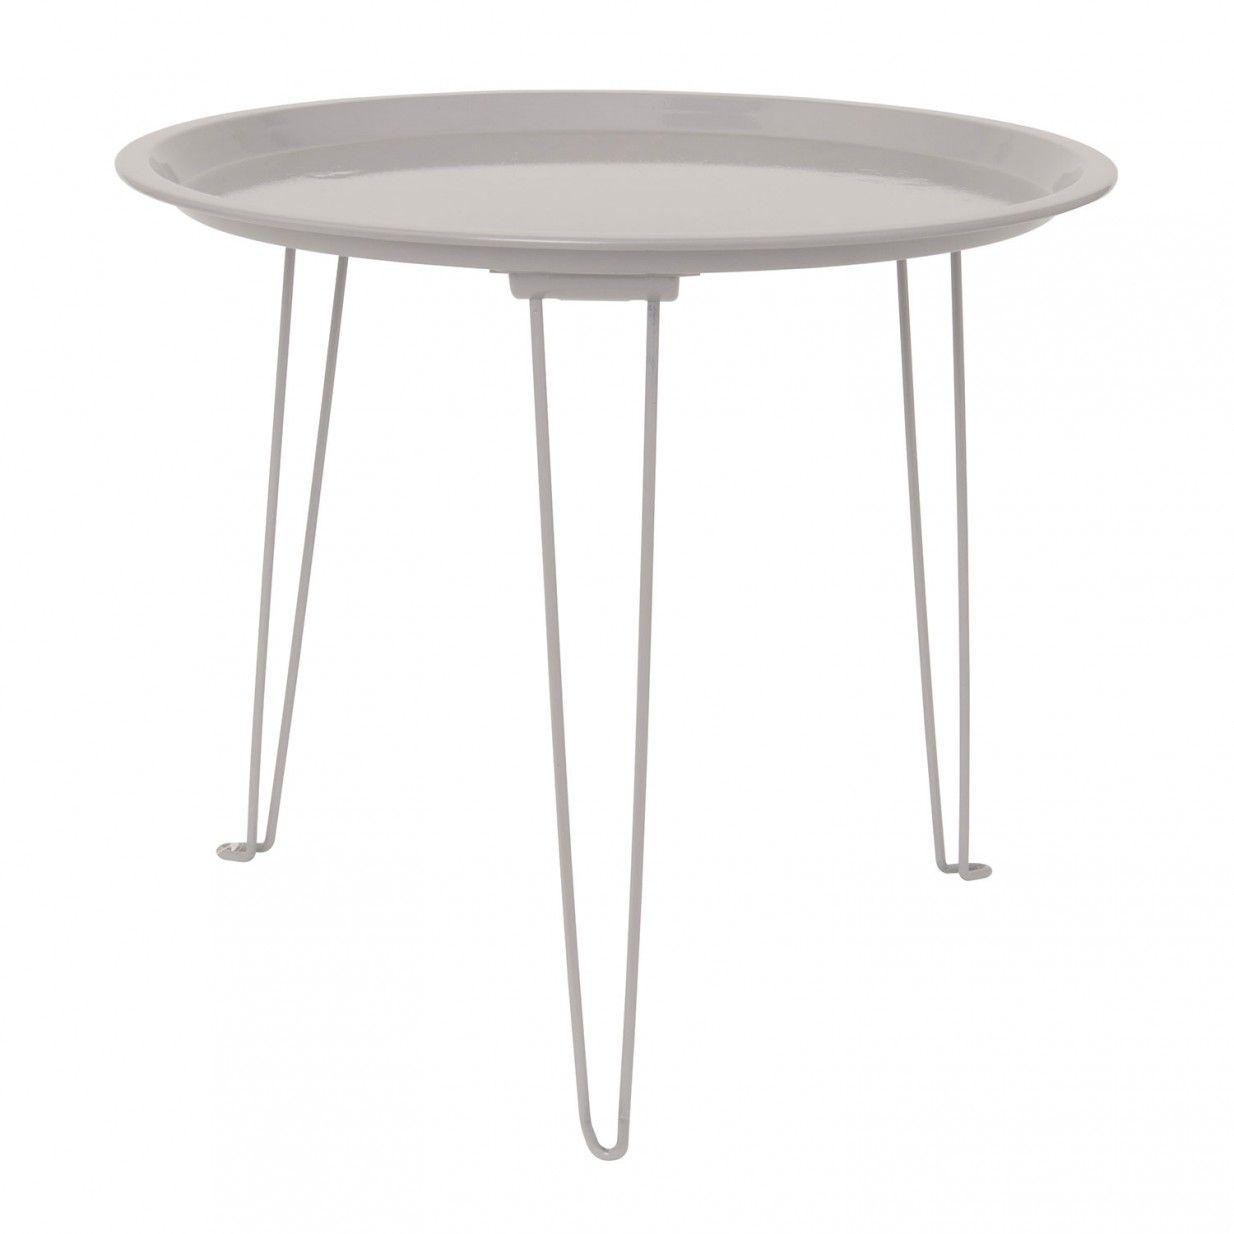 Monoqi Tray Beistelltisch Grau Beistelltische Beistelltisch Grau Moderne Beistelltische